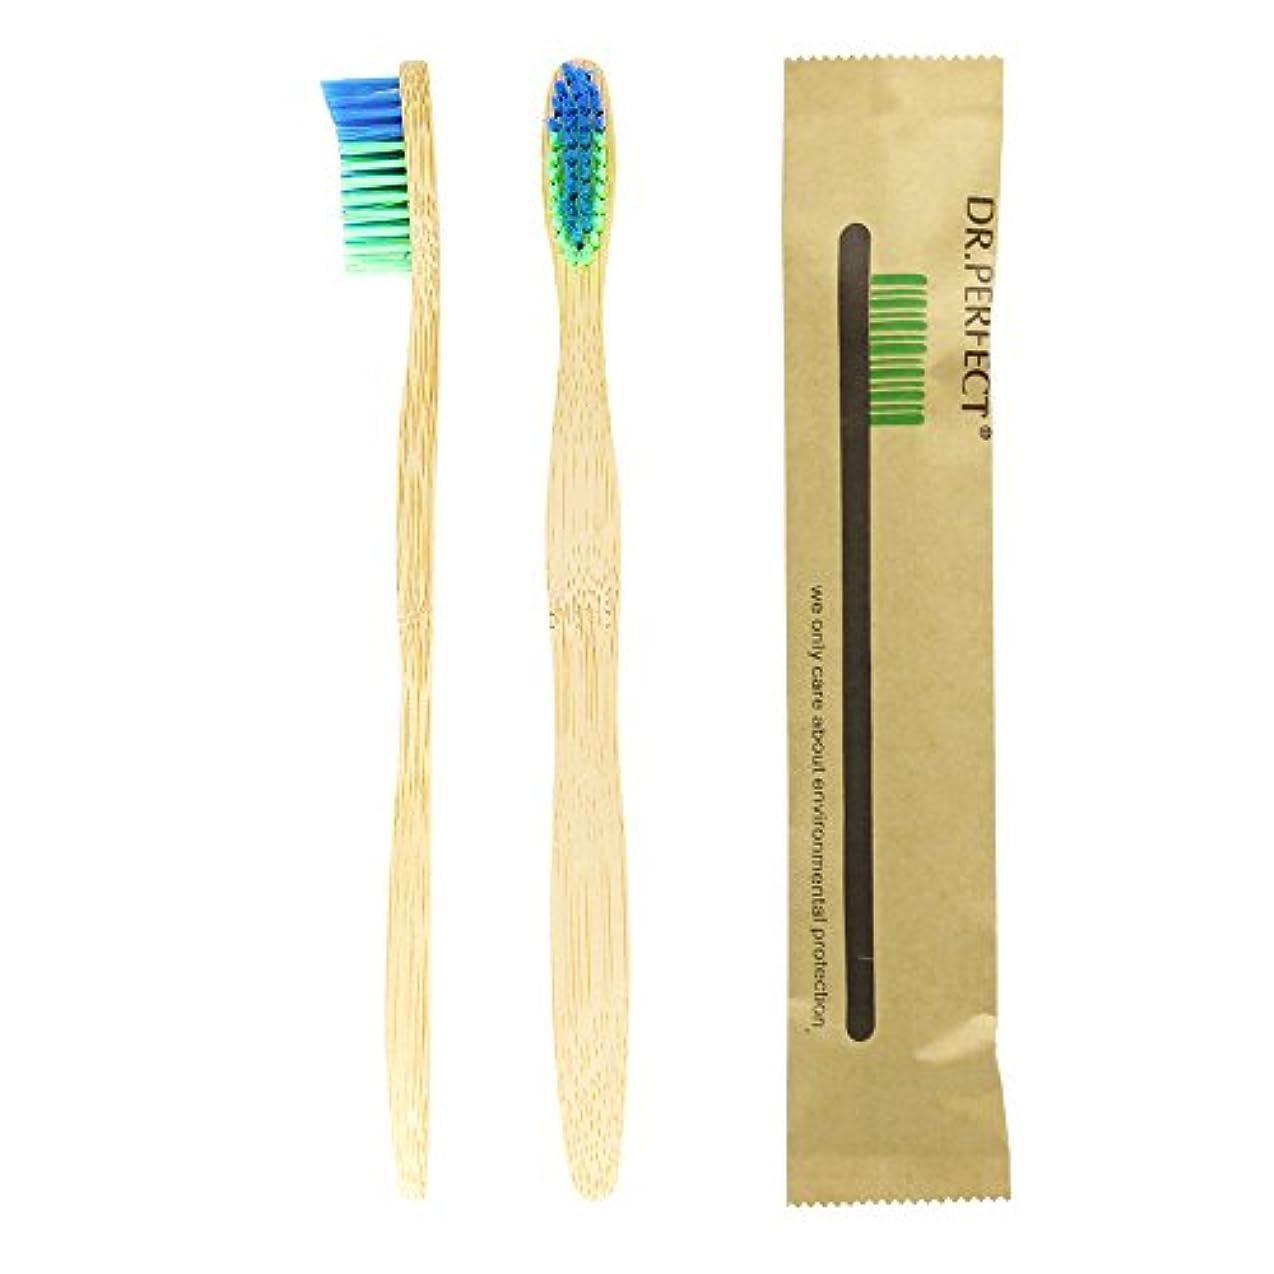 社会学トランザクションその後Dr.Perfect 歯ブラシアダルト竹の歯ブラシ ナイロン毛